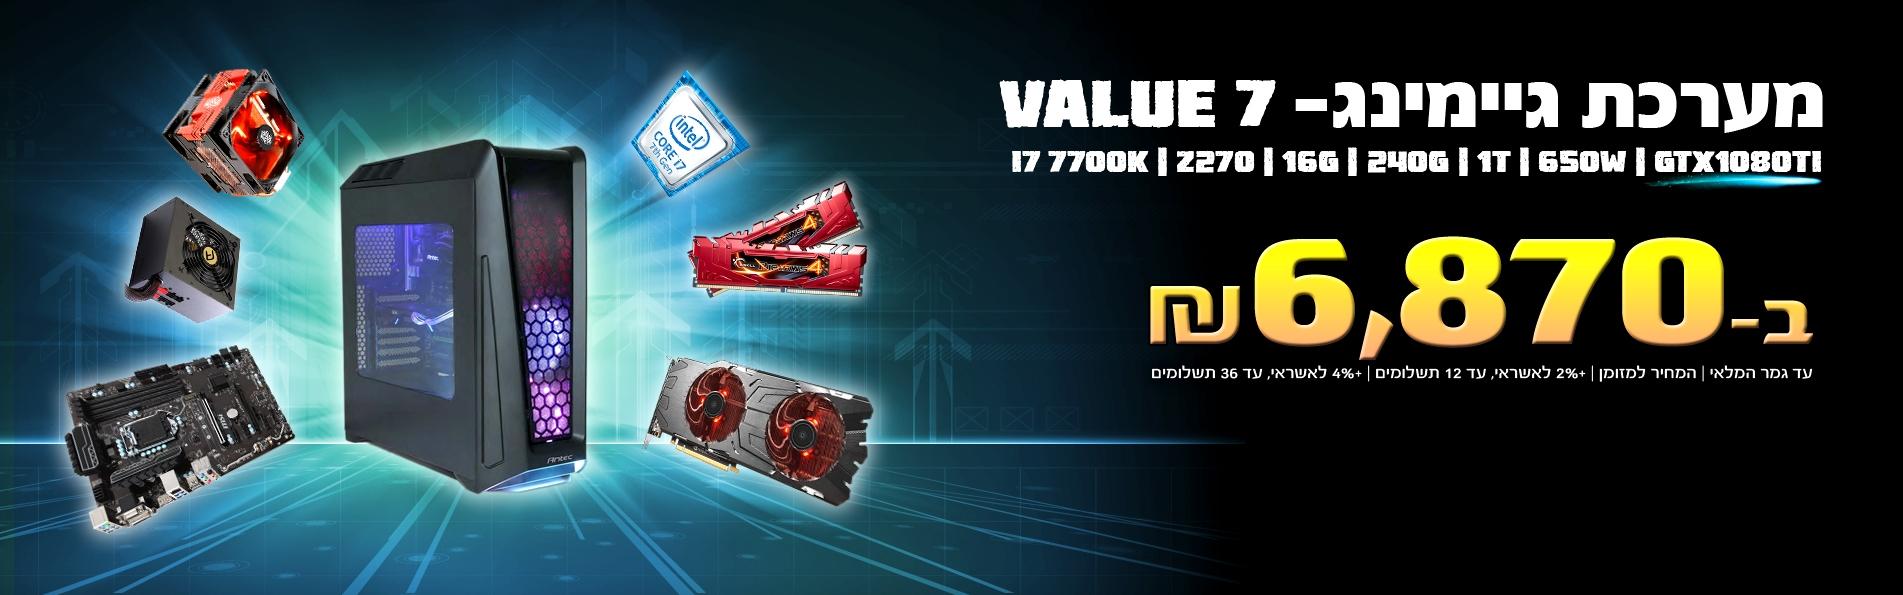 Value7-Main